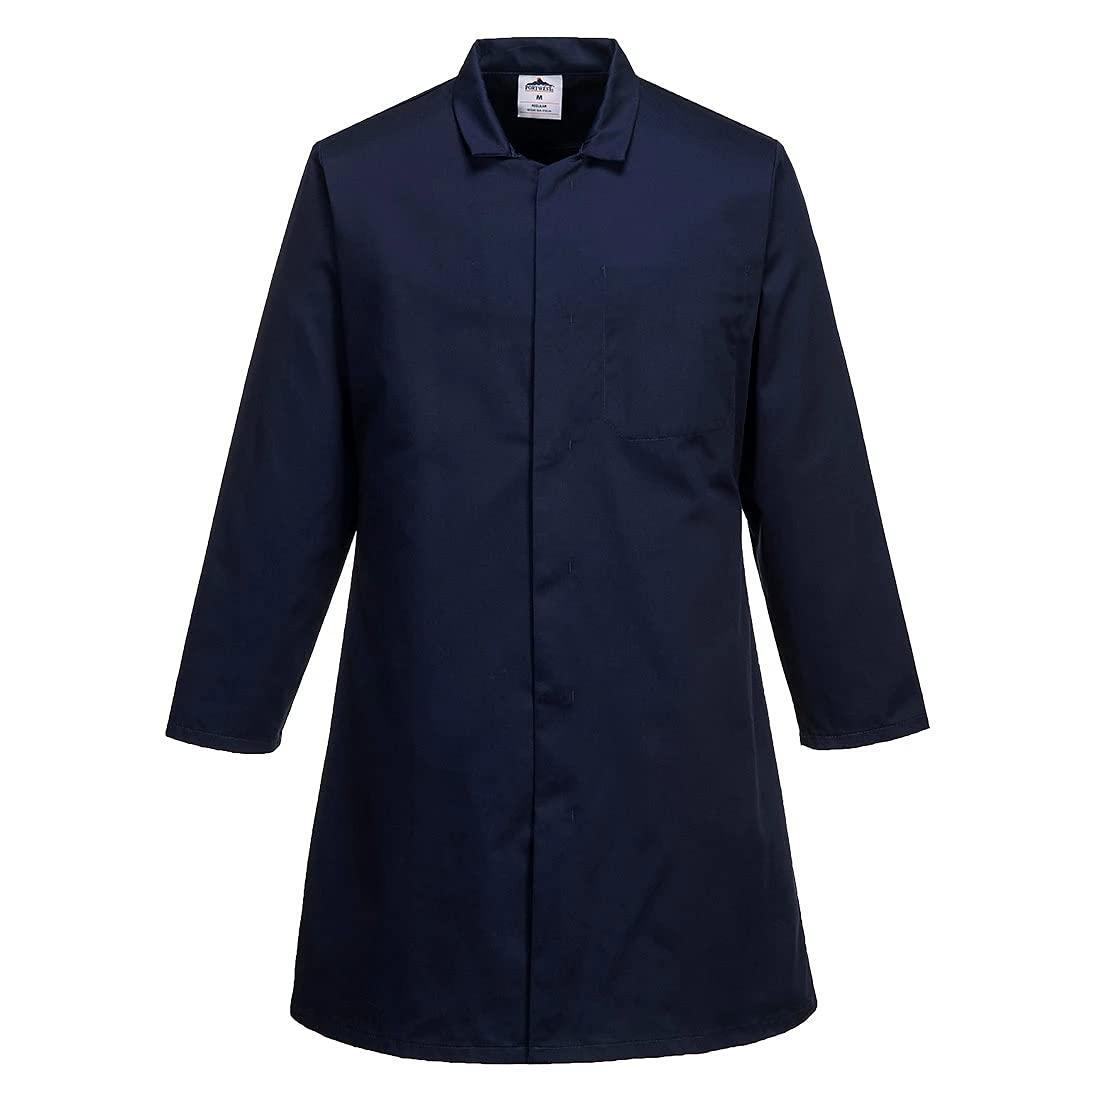 Portwest Workwear Mens Mens Food Coat One Pocket Navy Large